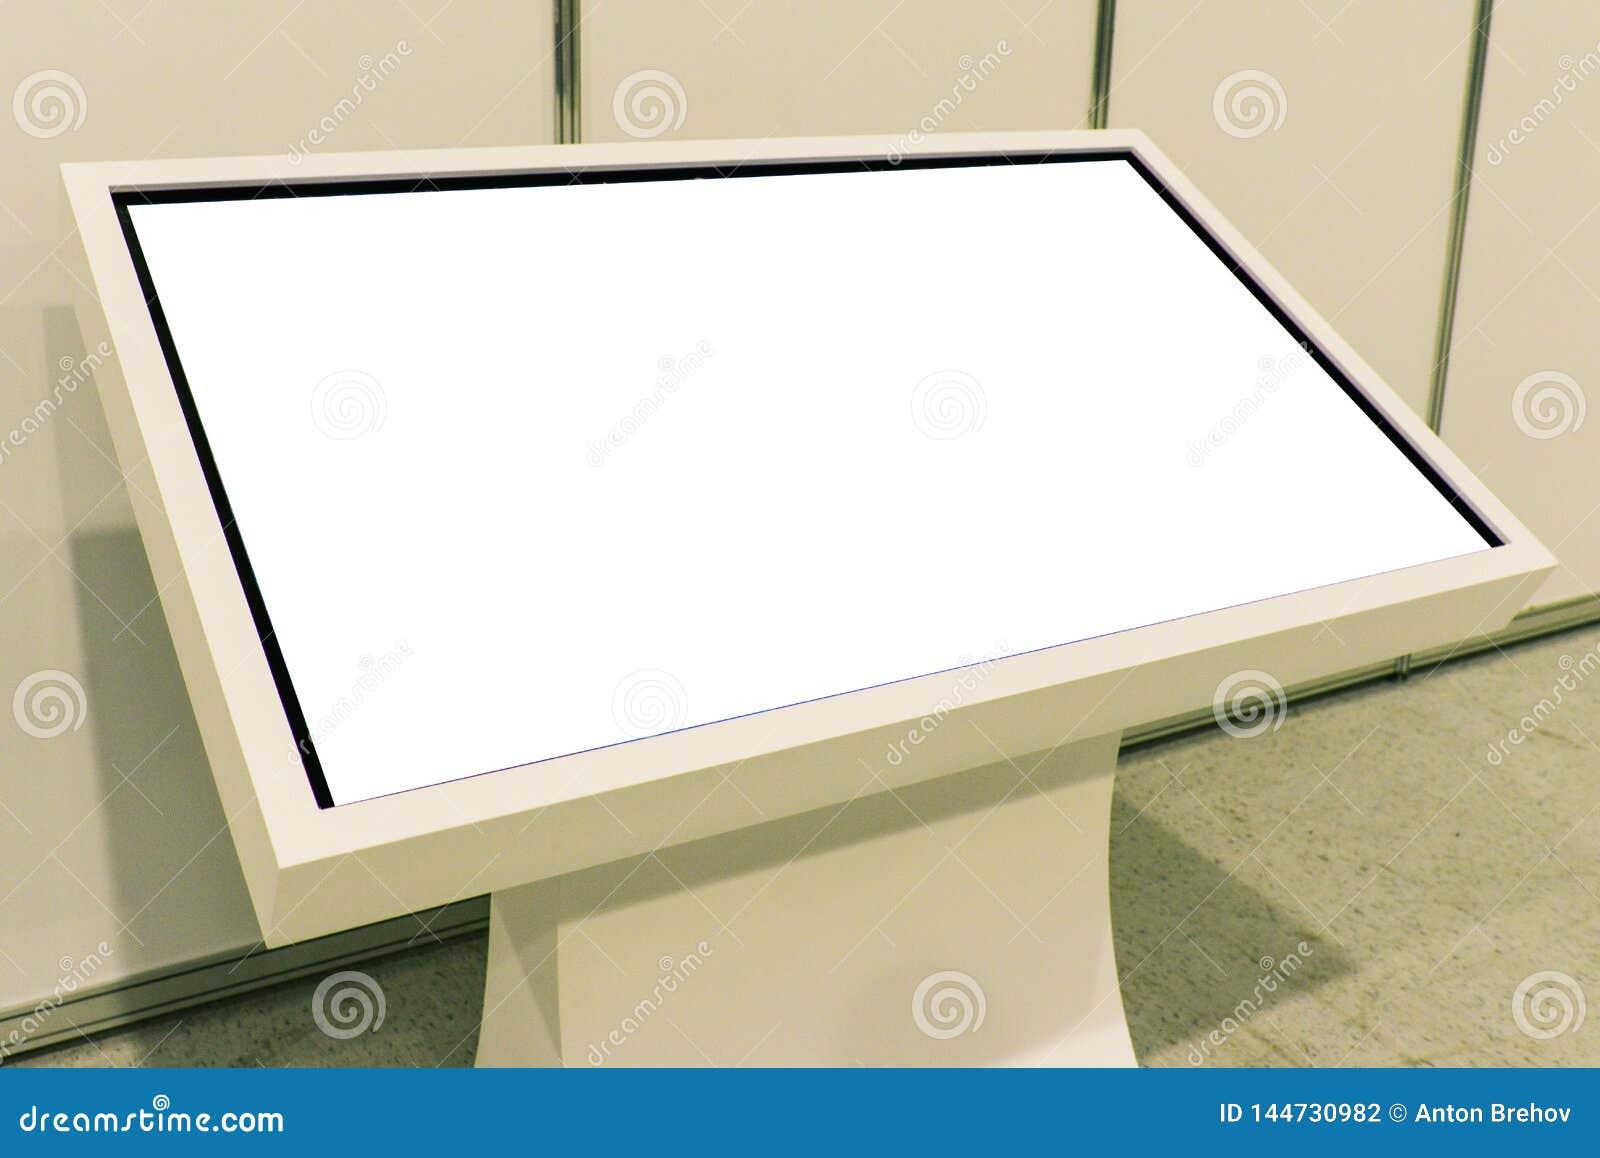 Annonsering av ställningen med LCD-TV Att att visa information som annonserar projekt Putoy vit bildskärm med kopieringsutrymme